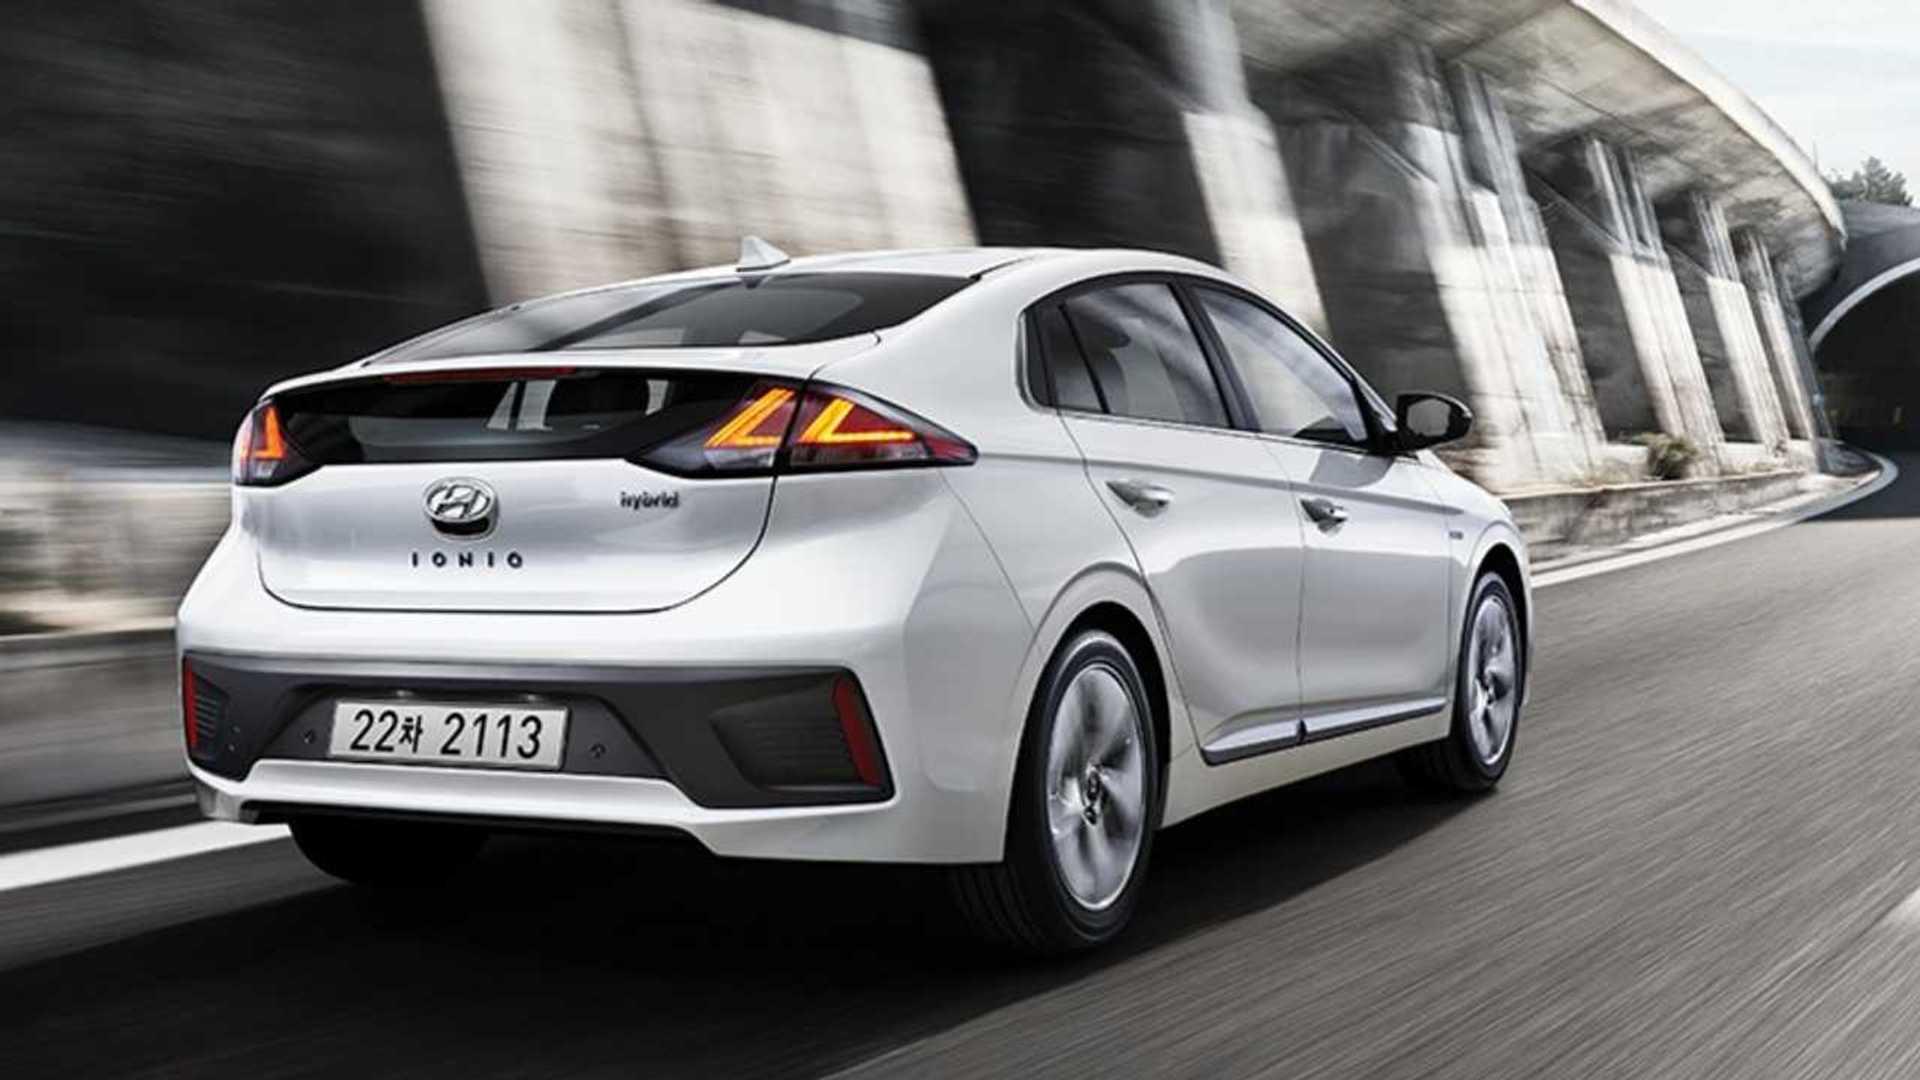 Preise für gelifteten Hyundai Ioniq Hybrid und Plug-in-Hybrid